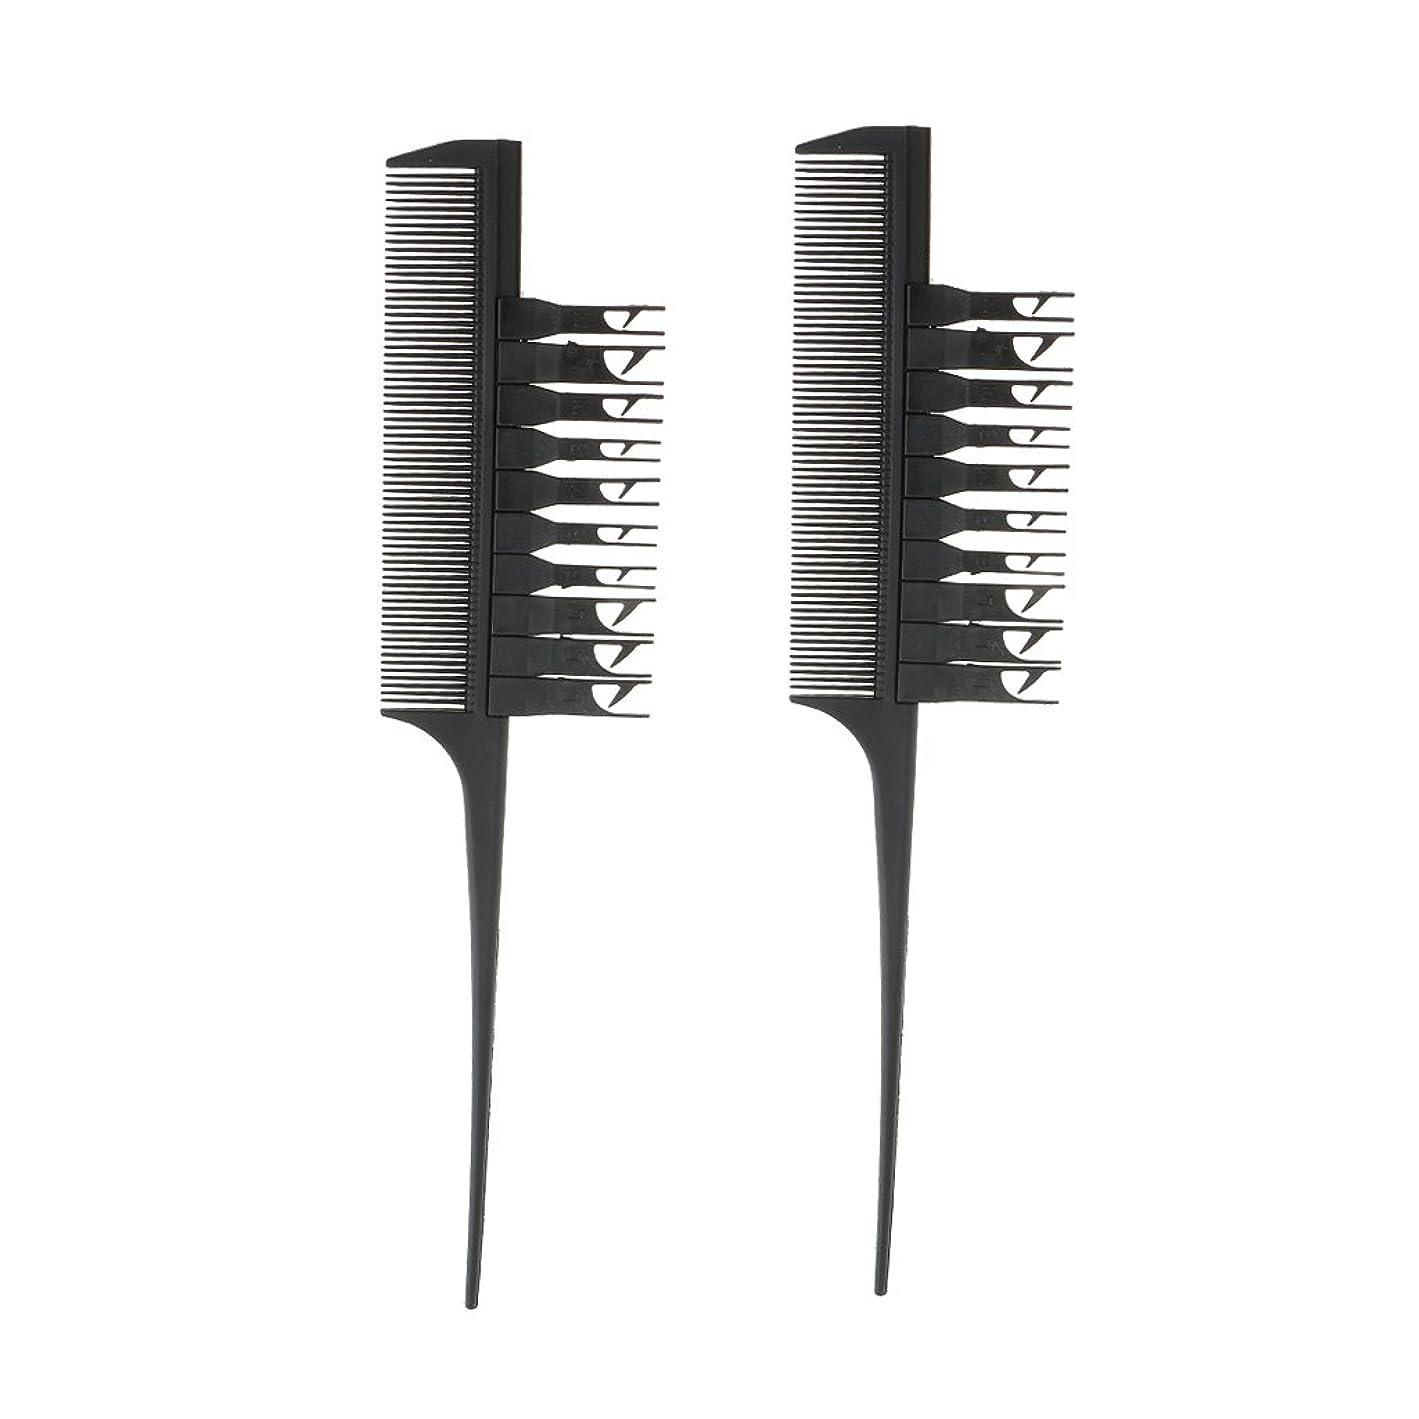 理解する欠乏学部Fenteer 2個 コーム 櫛 ブラシ ヘアダイブラシ サロン ヘアカラーリング 髪の毛 スライス 交換可能